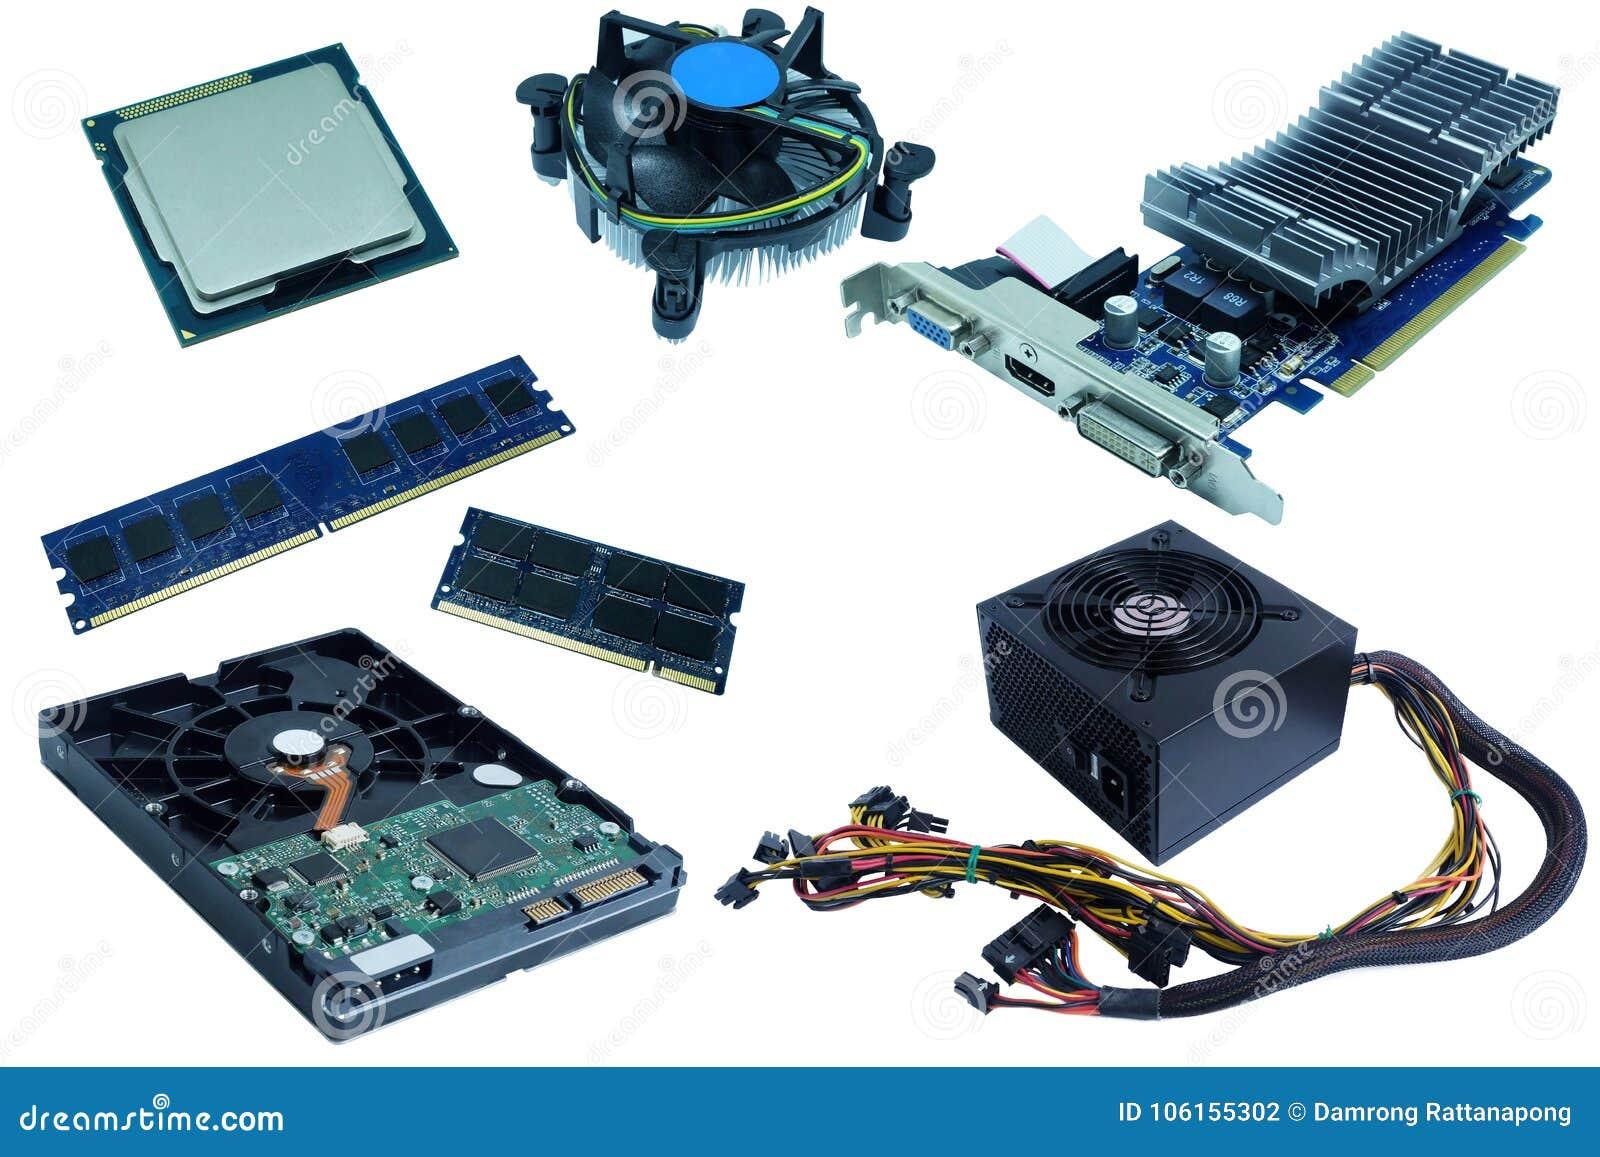 Computer Hardware, Hard Drive, Cpu, Cpu Fan, Ram, Vga Card